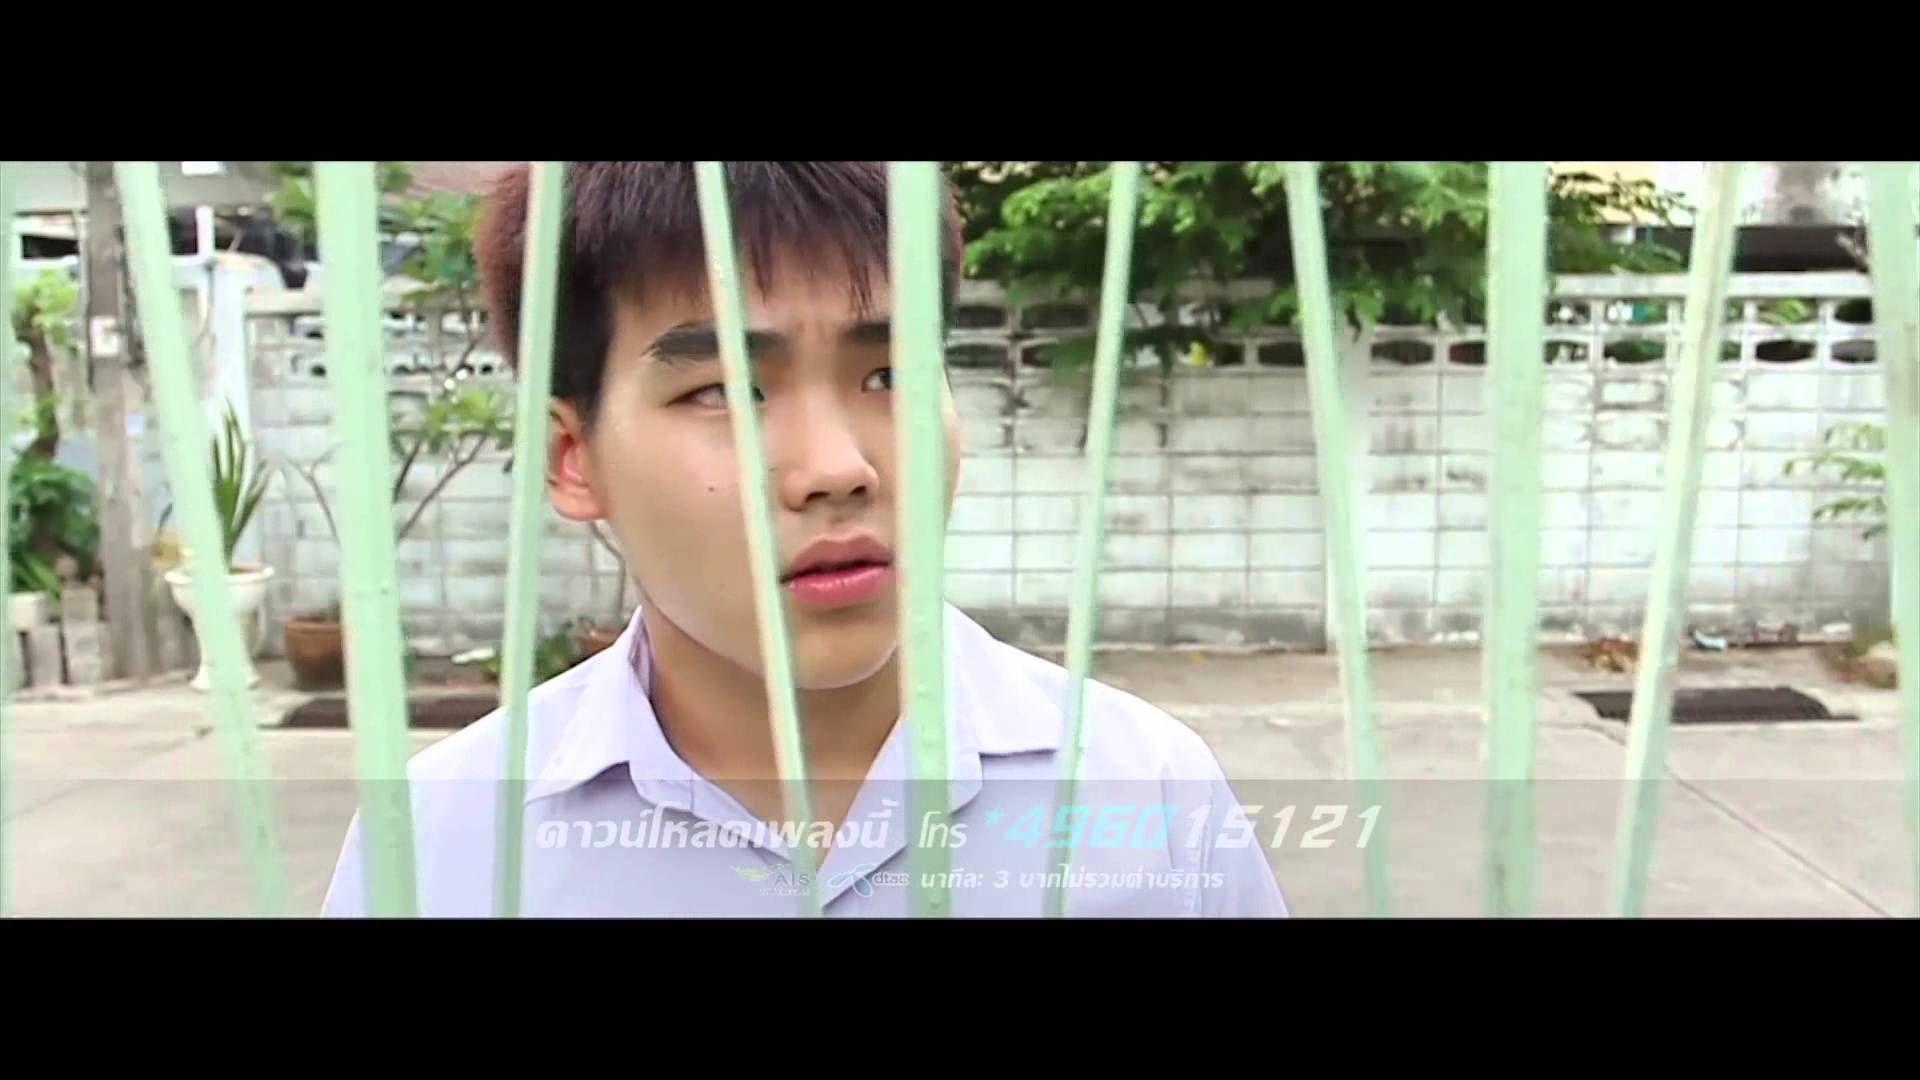 โป้ง ชินธันย์ - ในอ้อมกอดแม่ [Official Music Video]